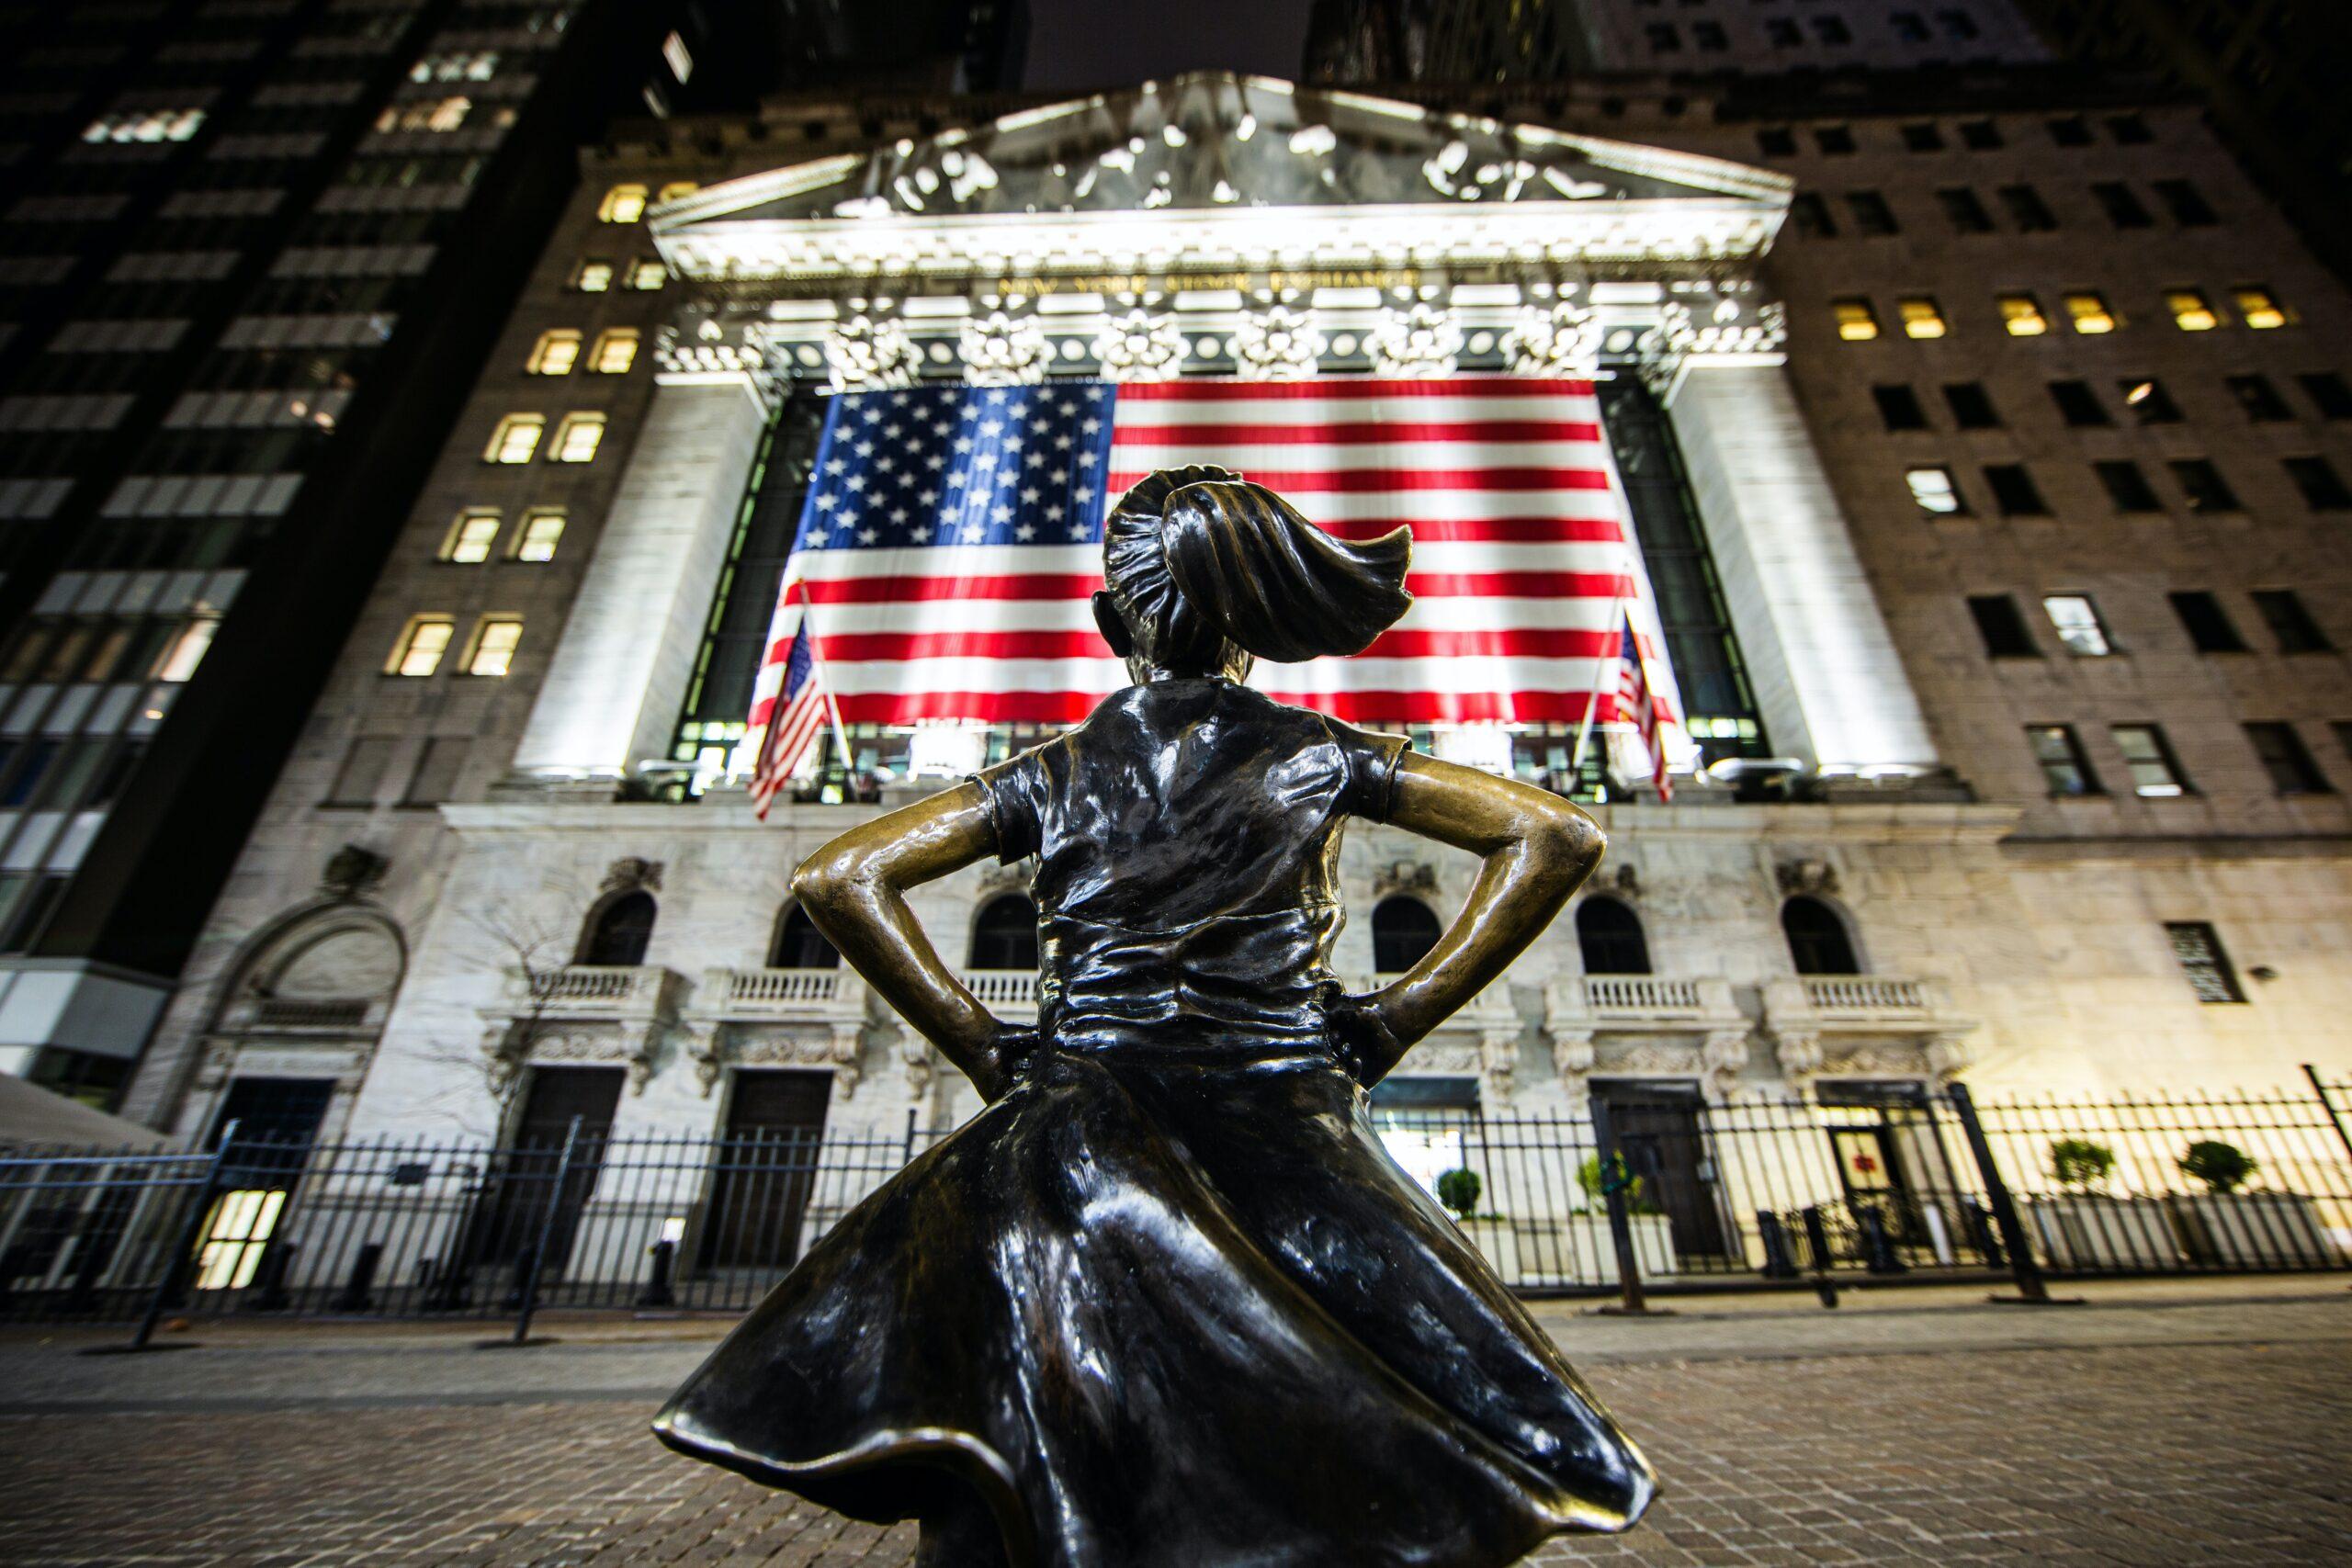 【ウォール街の相場格言】投資家に関する投資格言15選